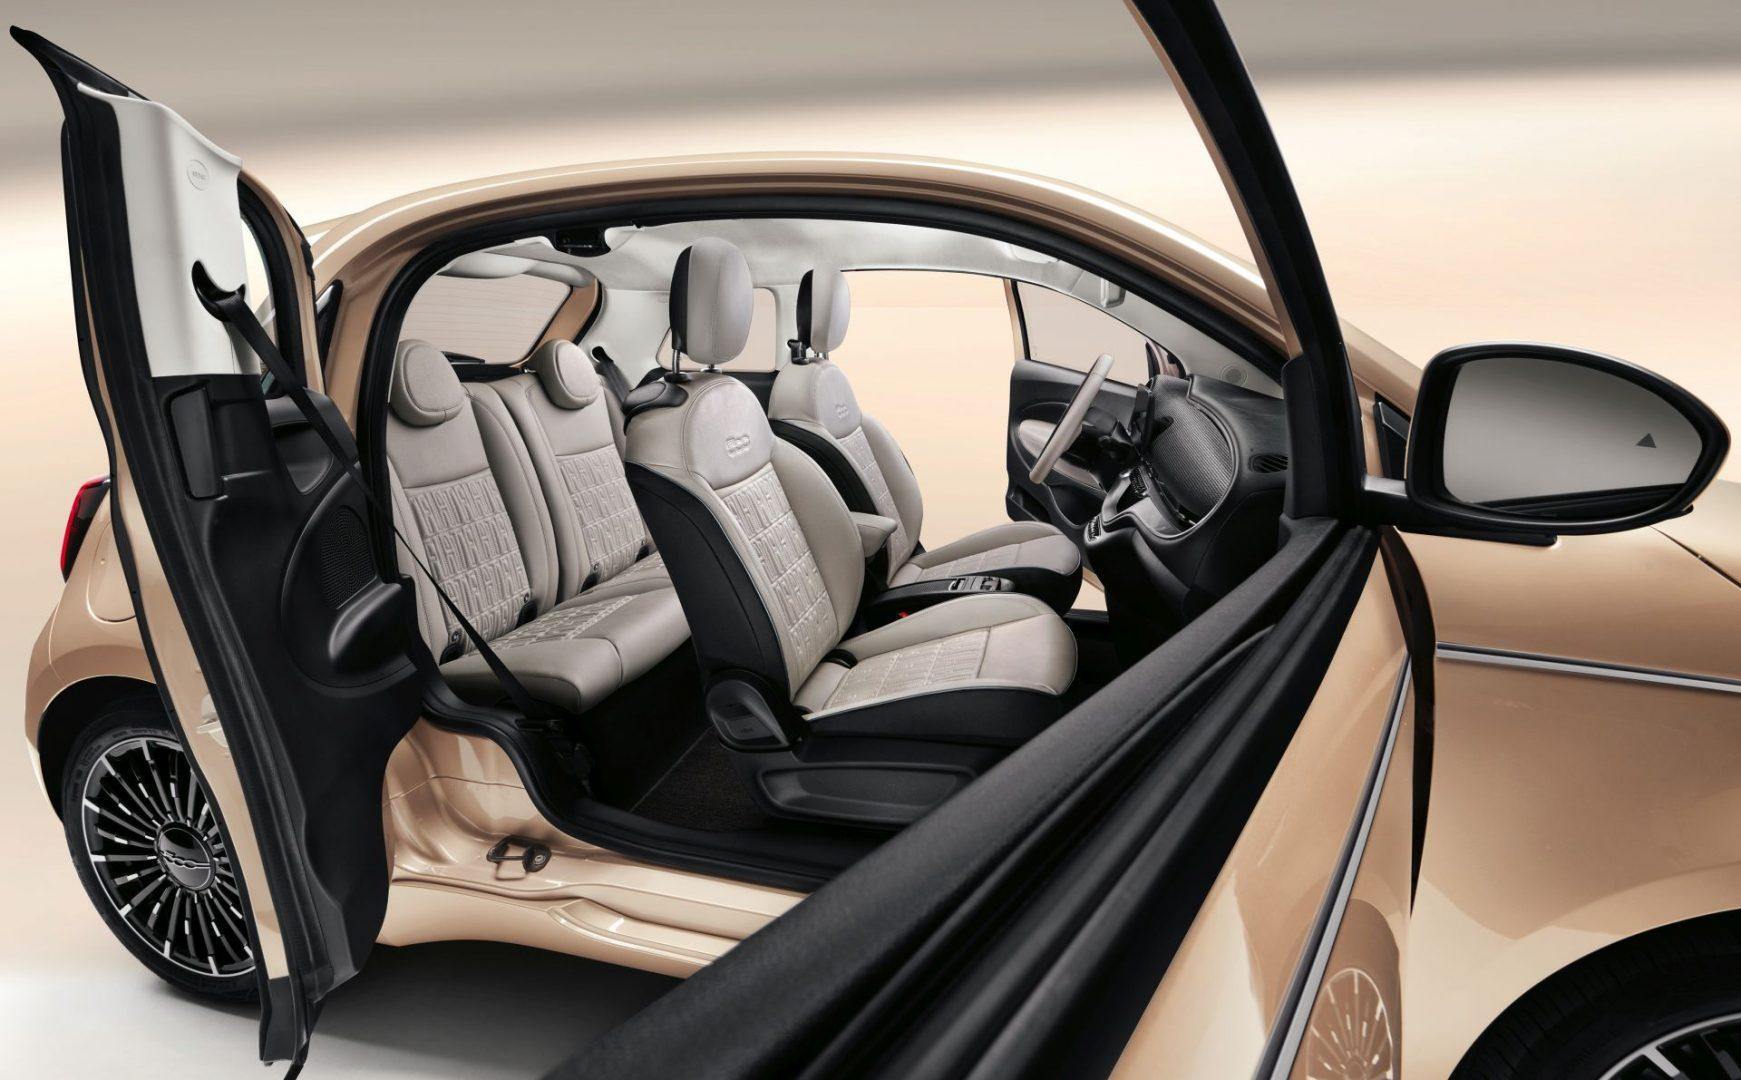 Fiat 500 3+1 je model kakav sigurno niste očekivali, a koji donosi jedna dodatna vrata